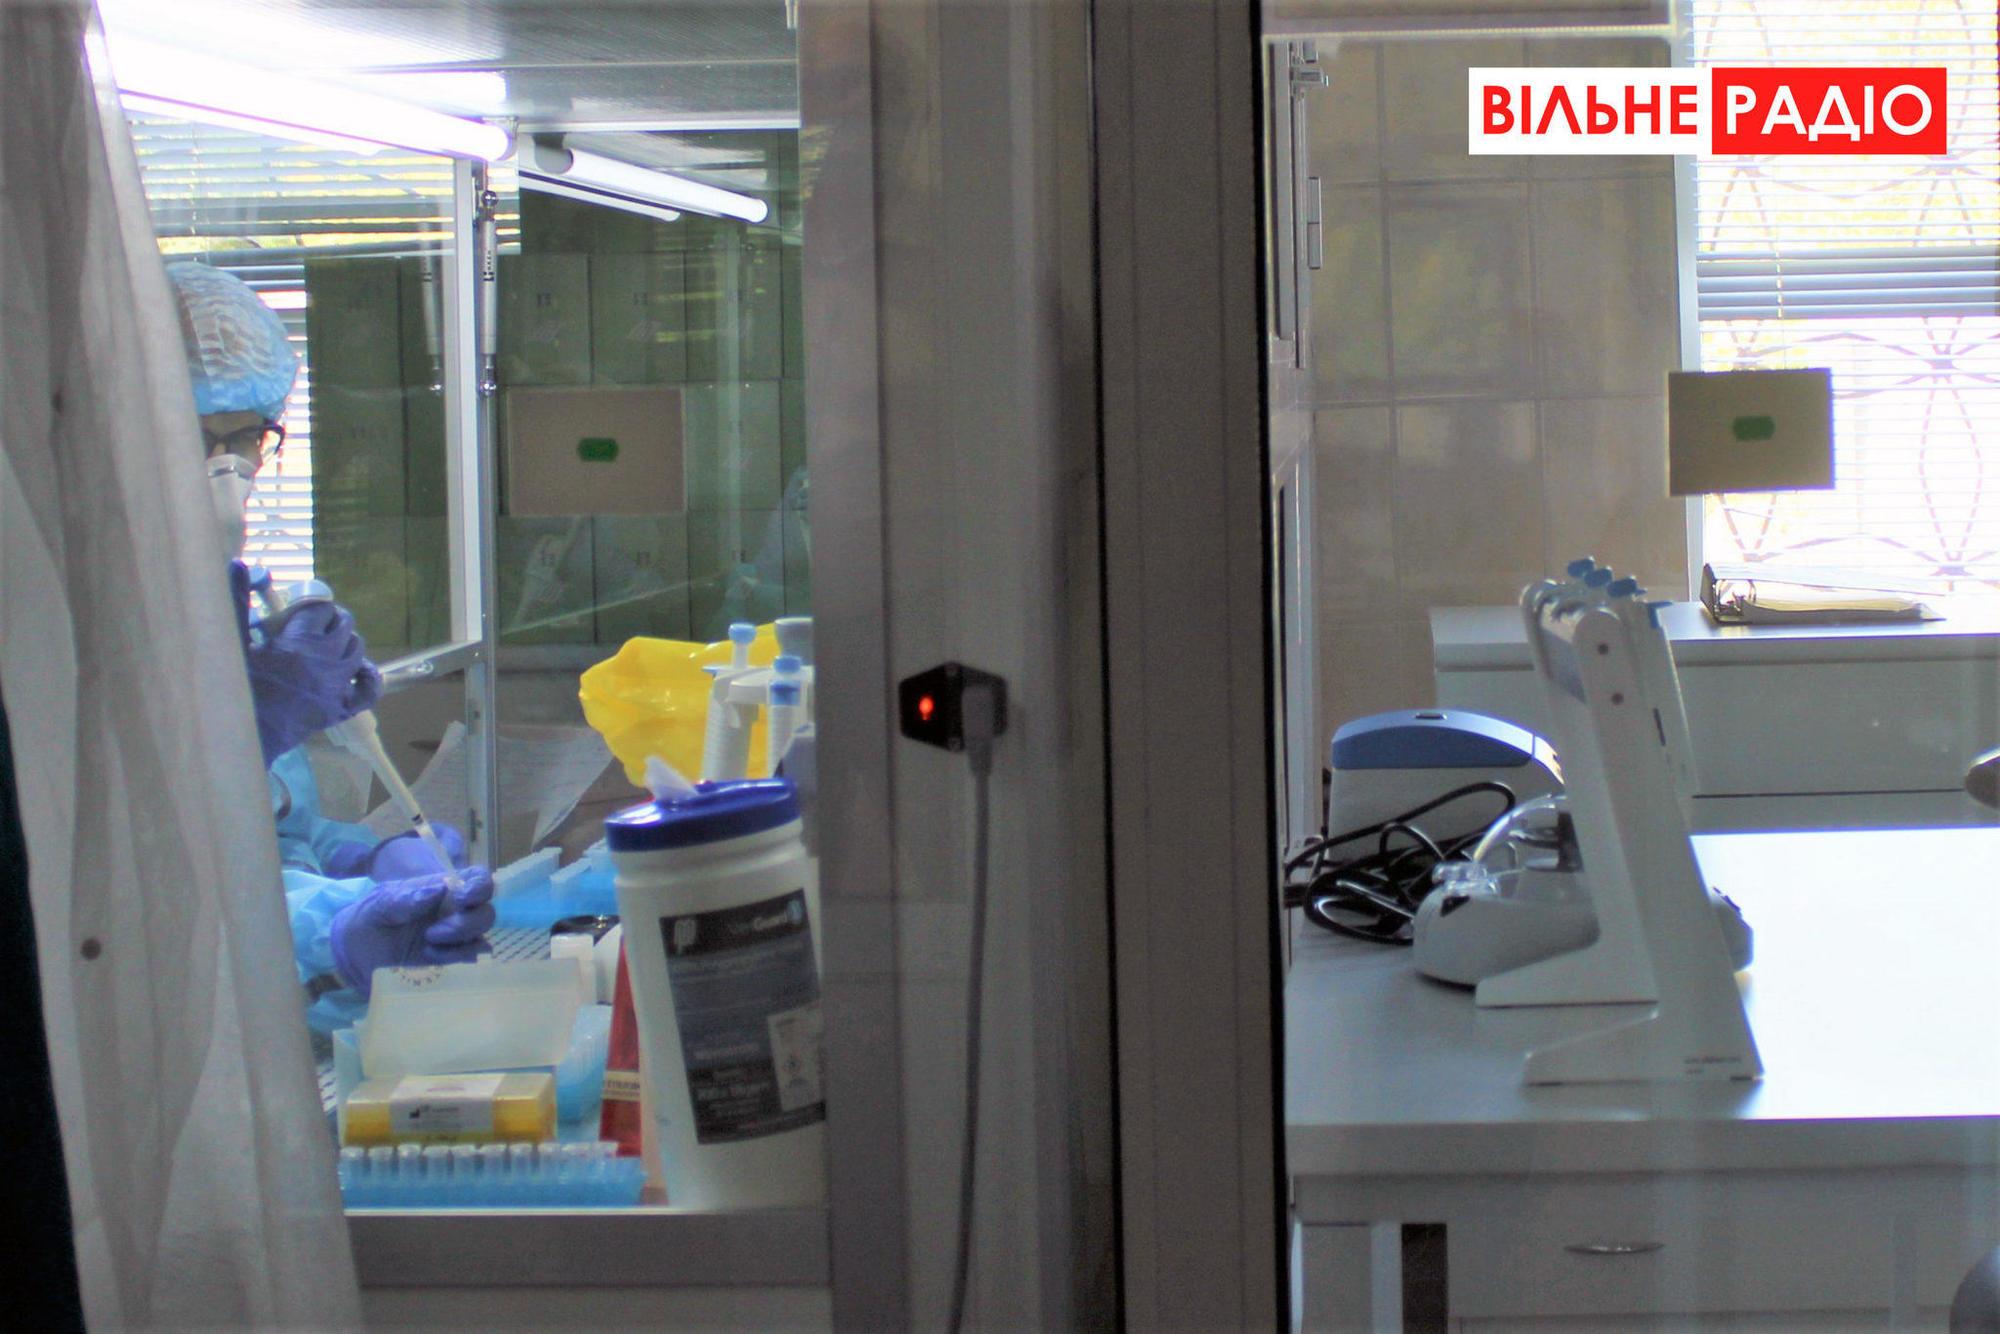 Ще вчаться: В новій ПЛР-лабораторії Торецька перевіряють по 20 людей на день (ФОТО)